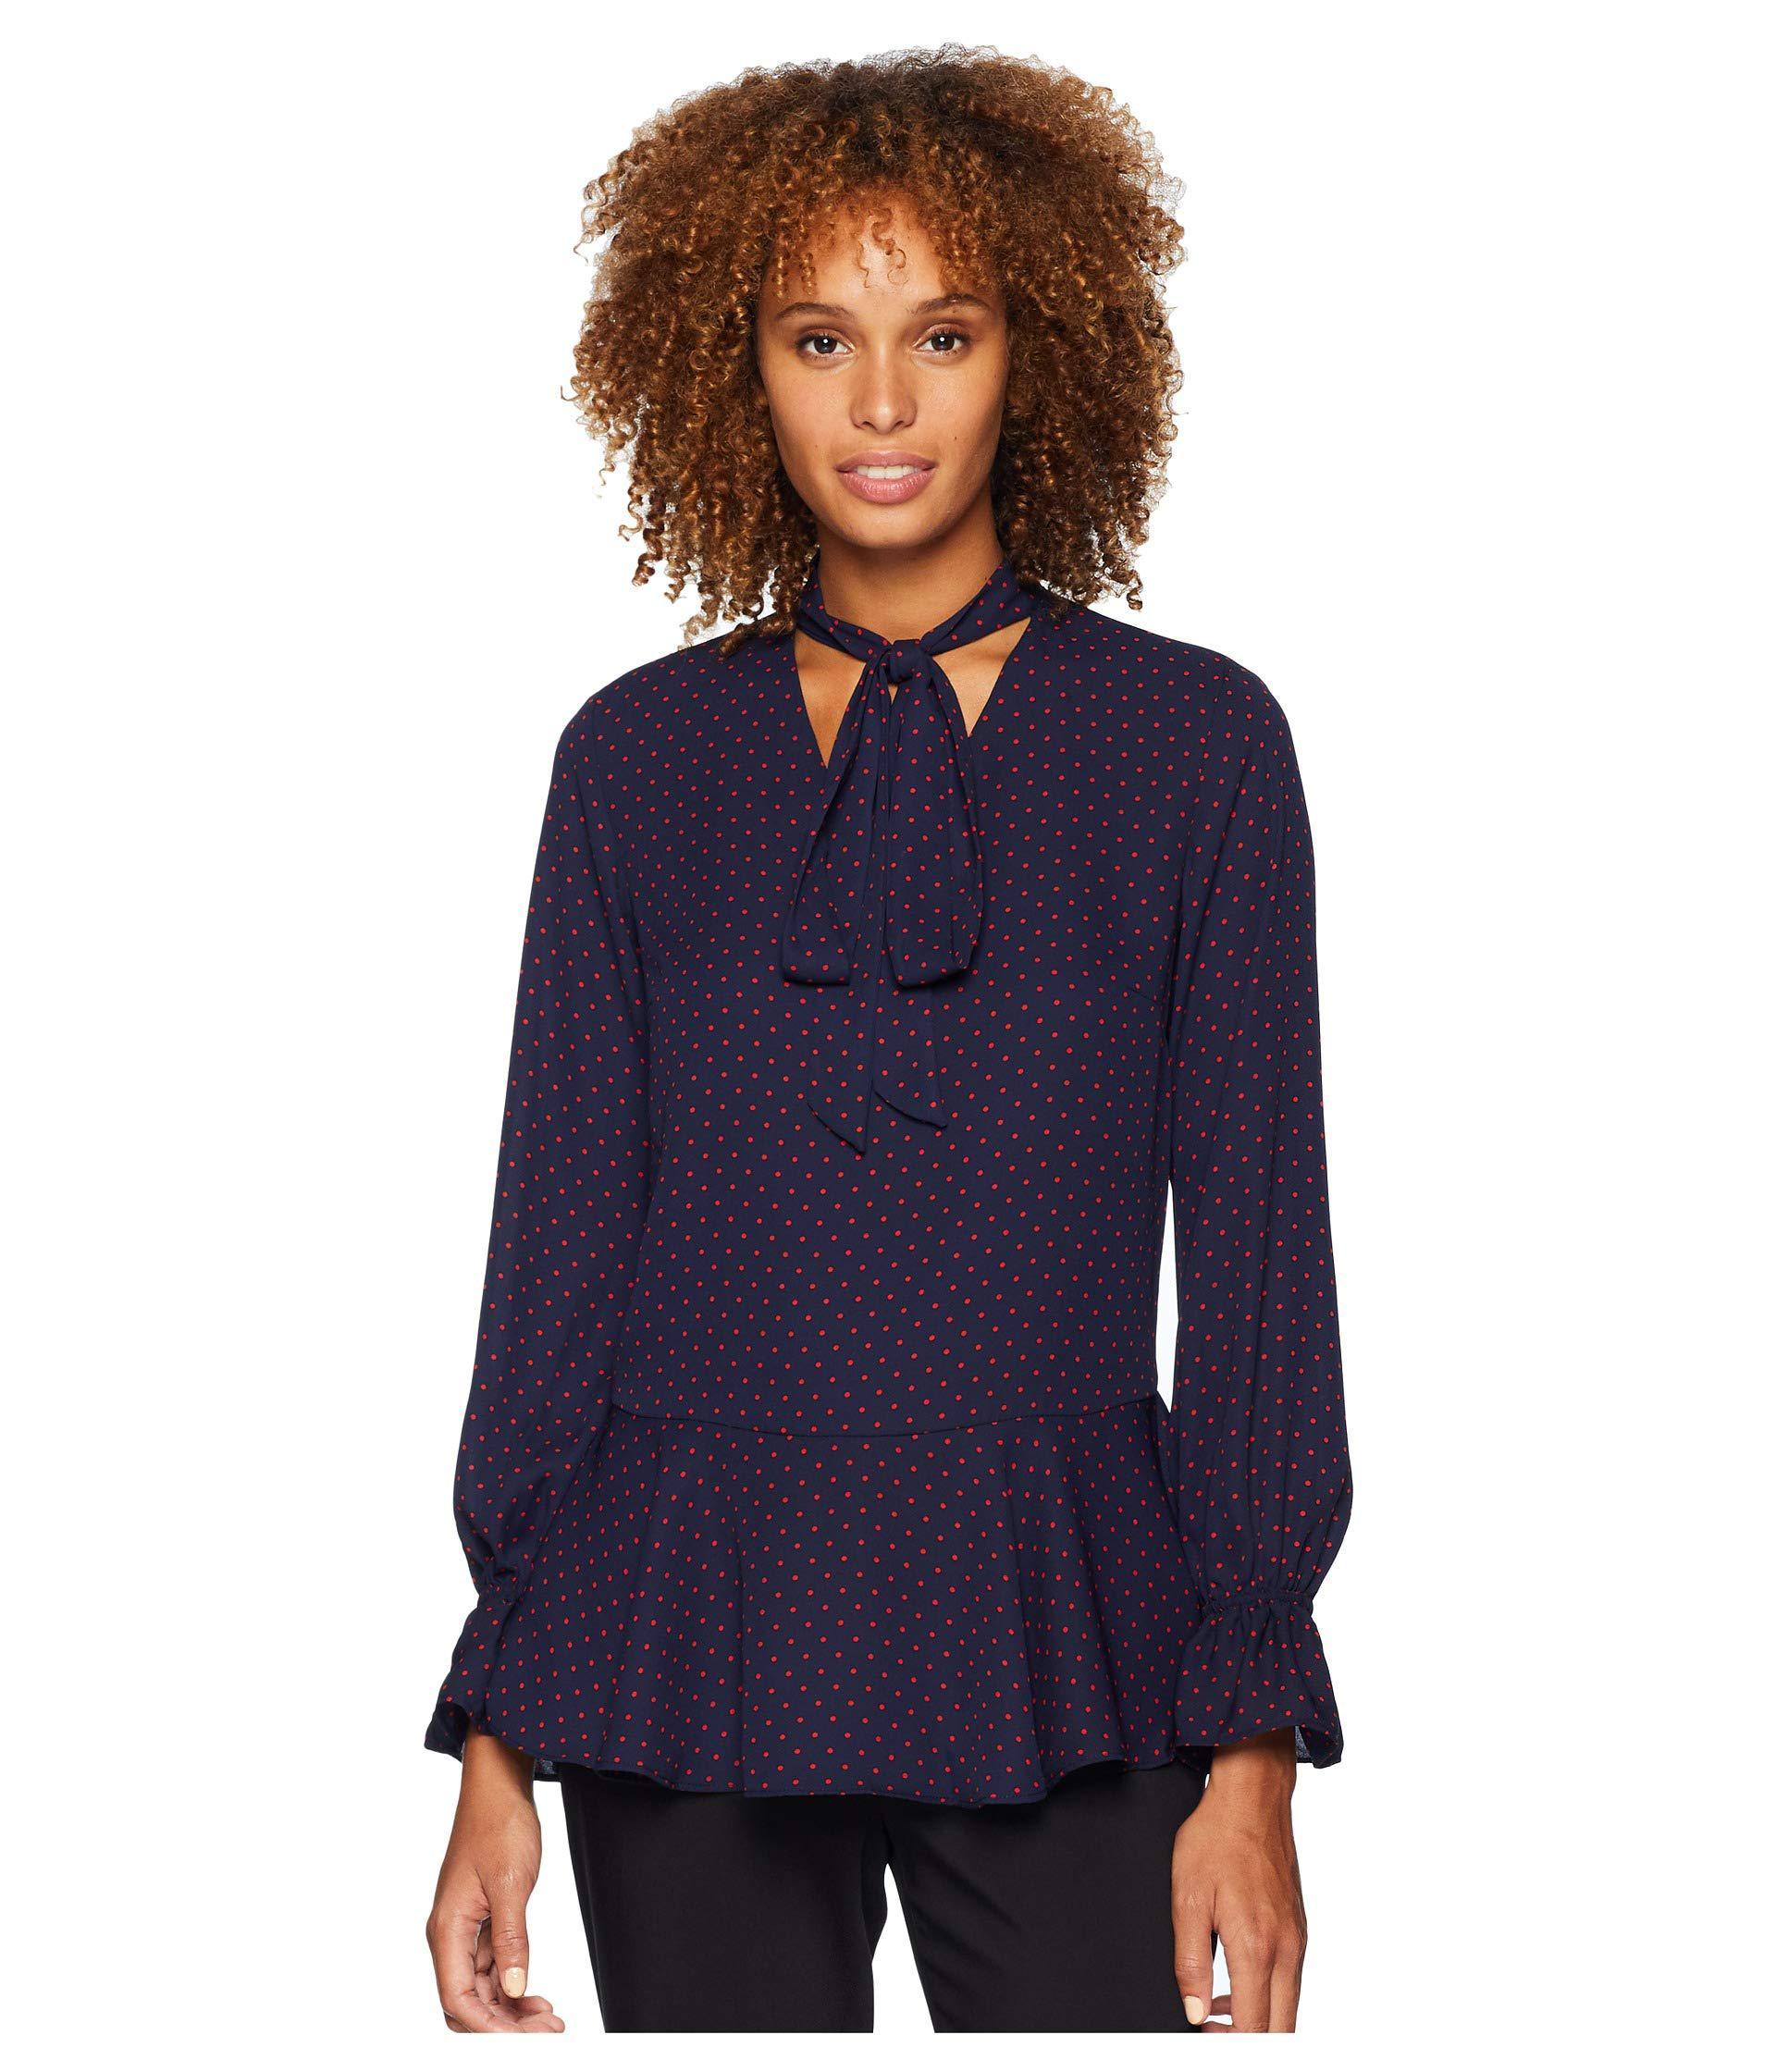 a6bee2a44de50 Lyst - Lauren by Ralph Lauren Tie Neck Georgette Top in Blue - Save 58%